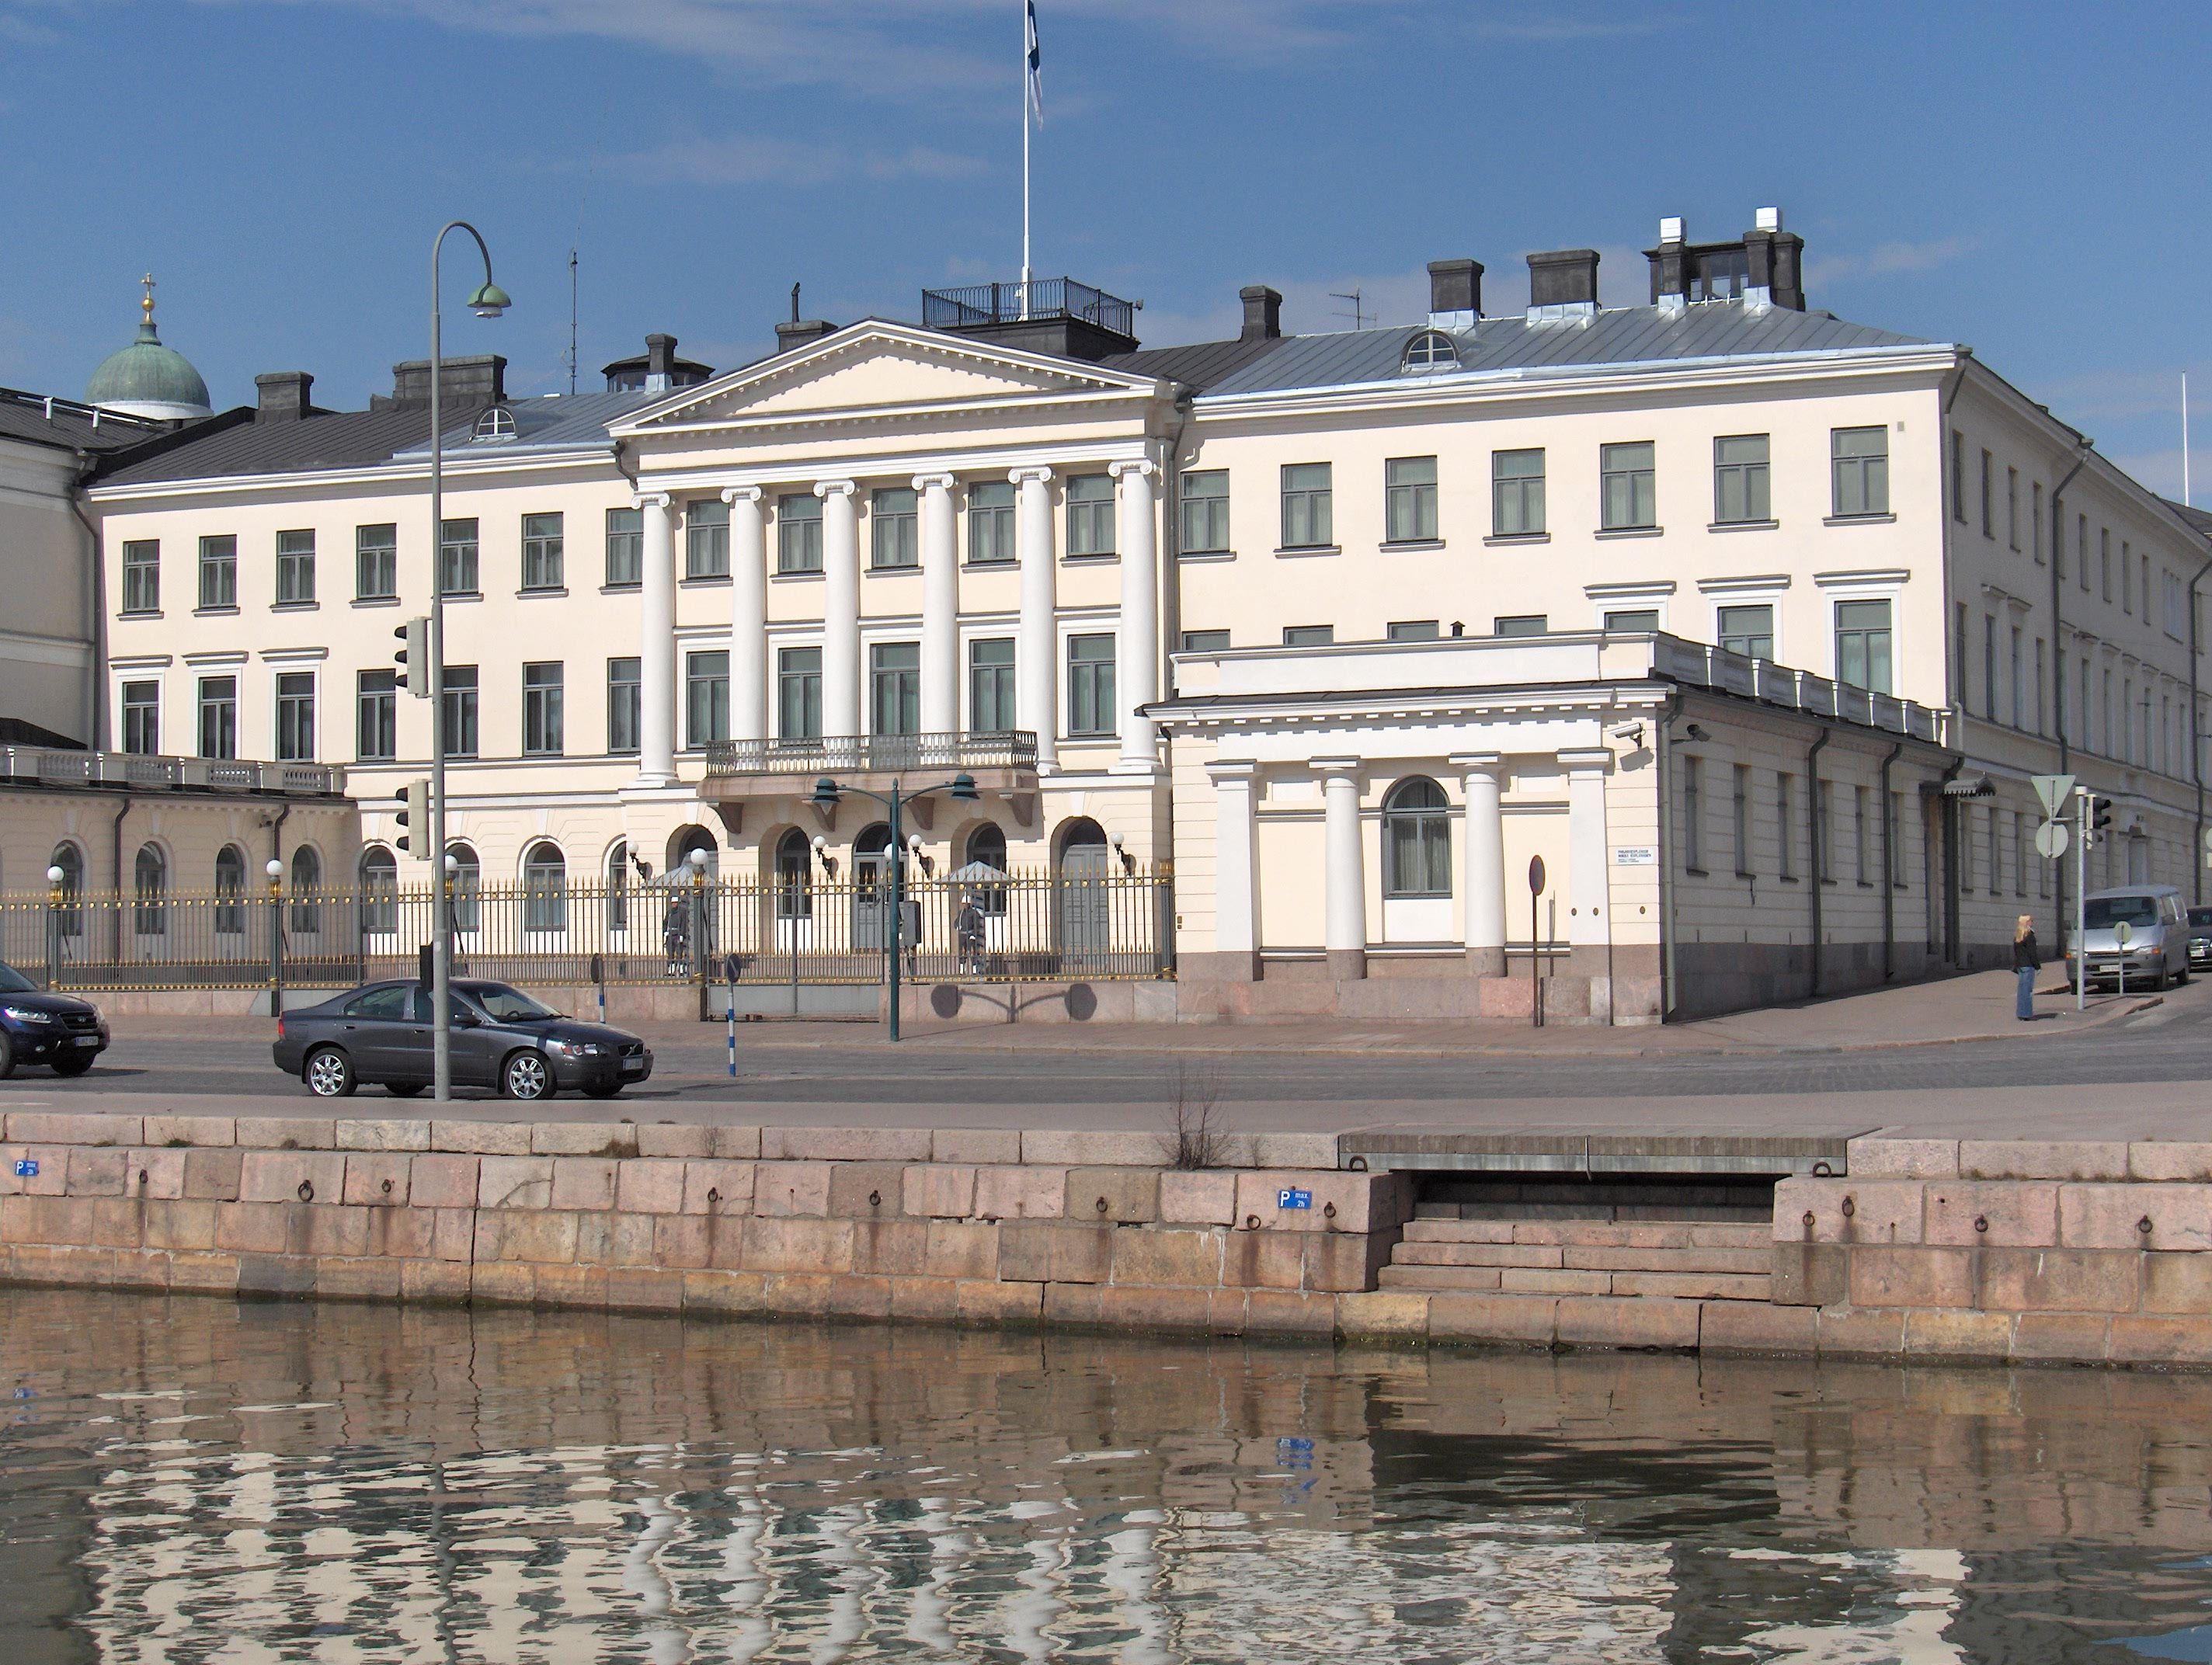 گمانه زنی در مورد مکان احتمالی نشست آتی سران ارشد روسیه و آمریکا در هلسینکی